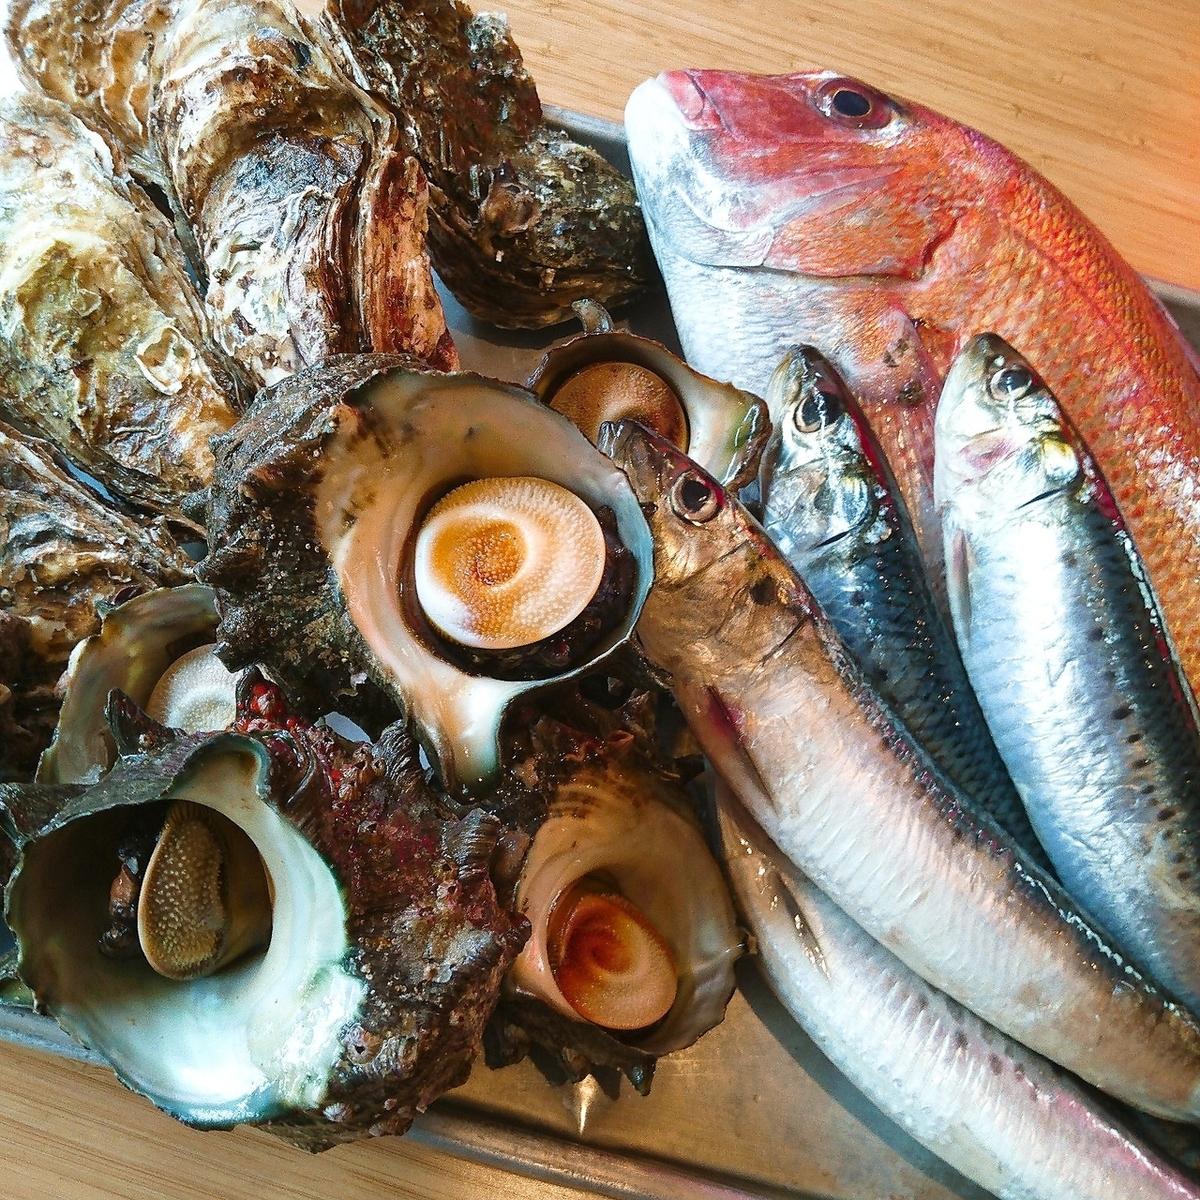 산지 직송의 신선한 생선을 사용